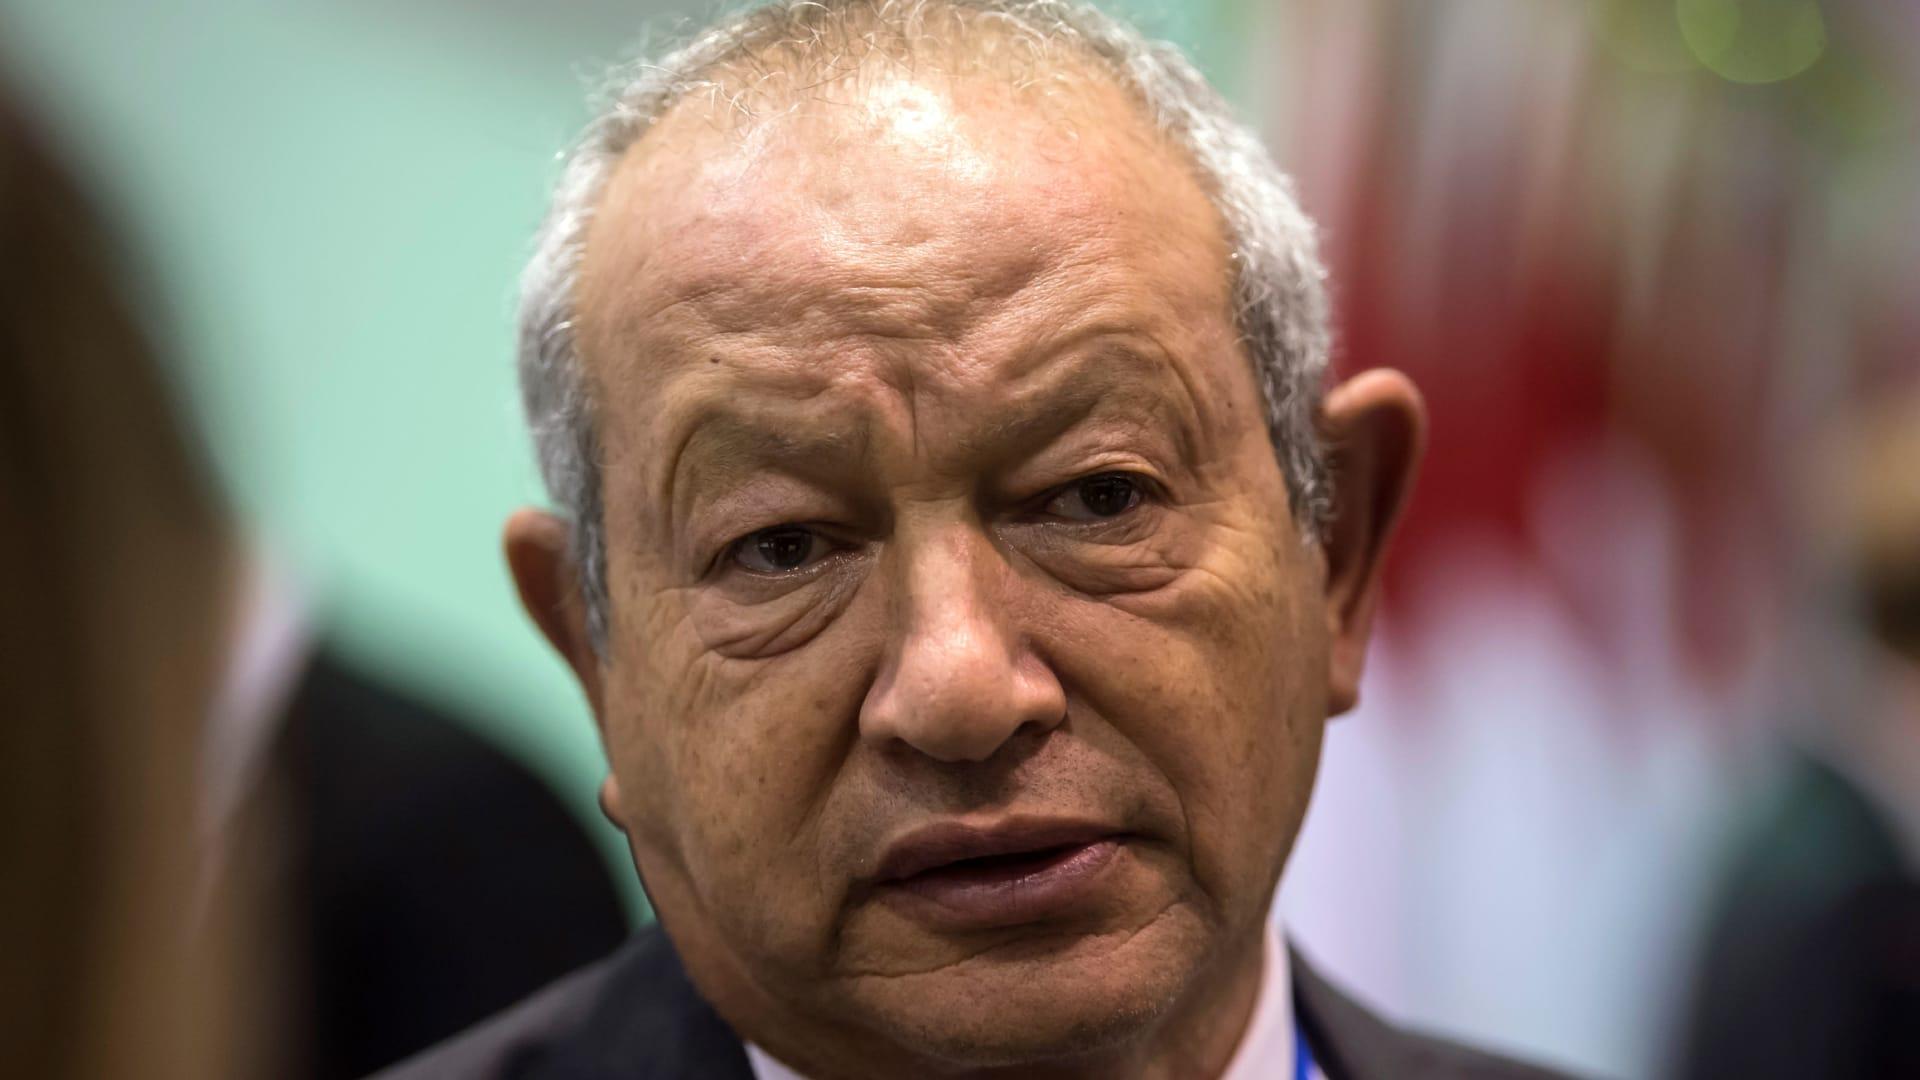 """نجيب ساويرس معلقا على فيديو لحوار بين فلسطينية وإسرائيلي في حي الشيخ جراح: """"منطق الحرامية"""""""